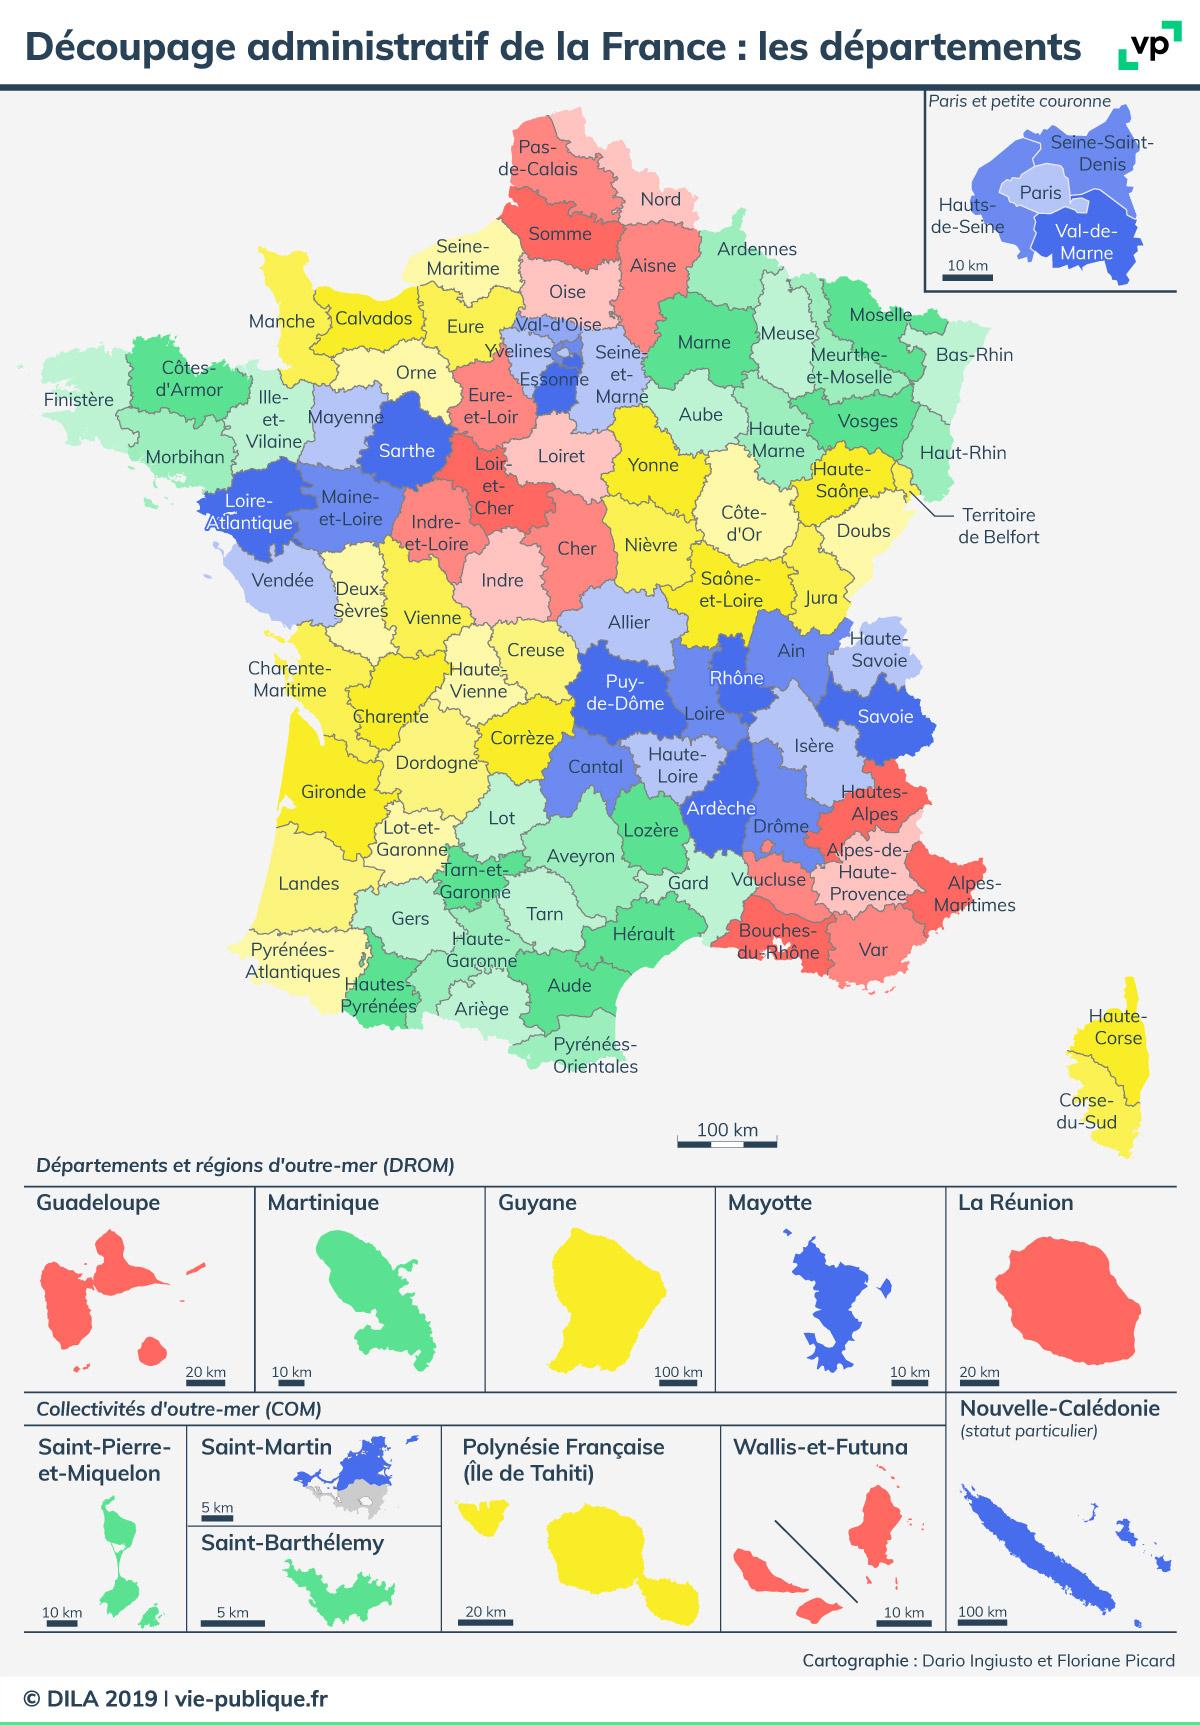 Découpage Administratif De La France : Les Départements dedans Carte Géographique De France